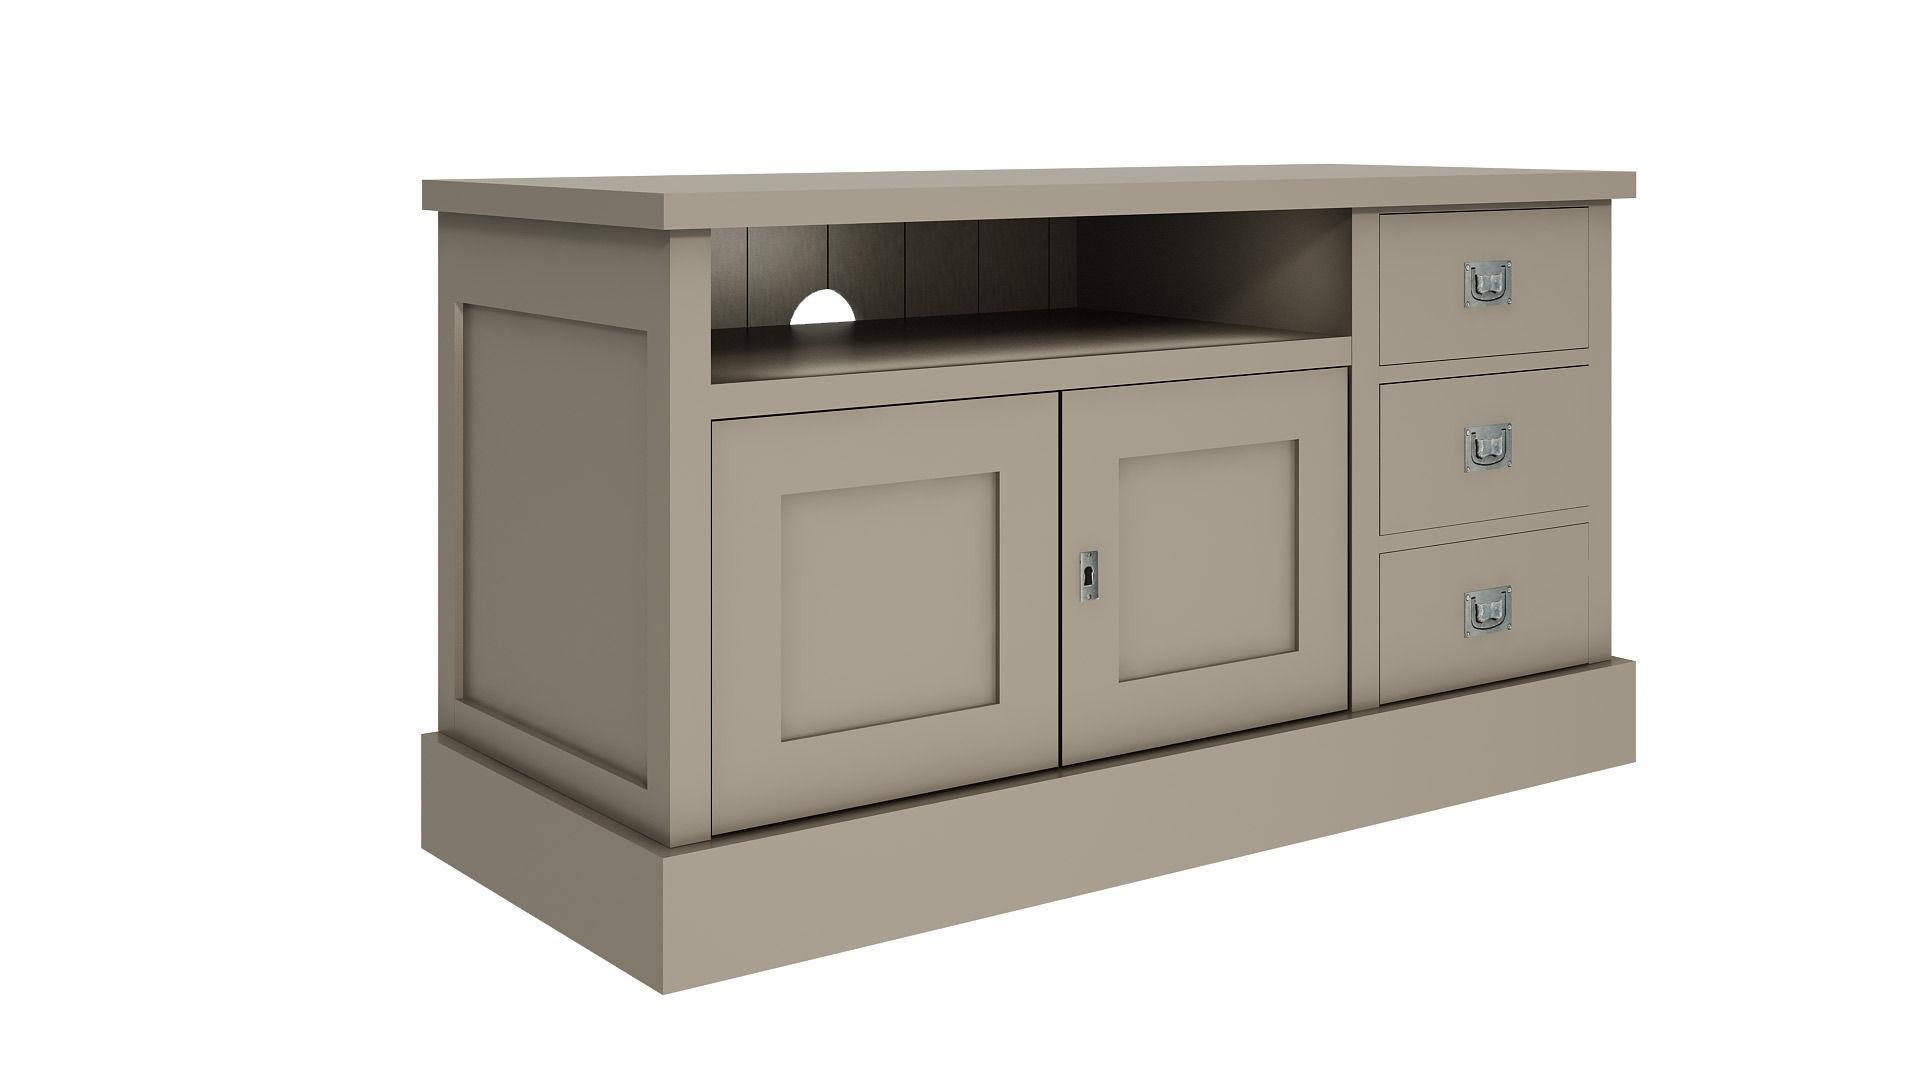 Cupboard Models : comments 0 grey cupboard 3d model realistic 3d furniture model ...